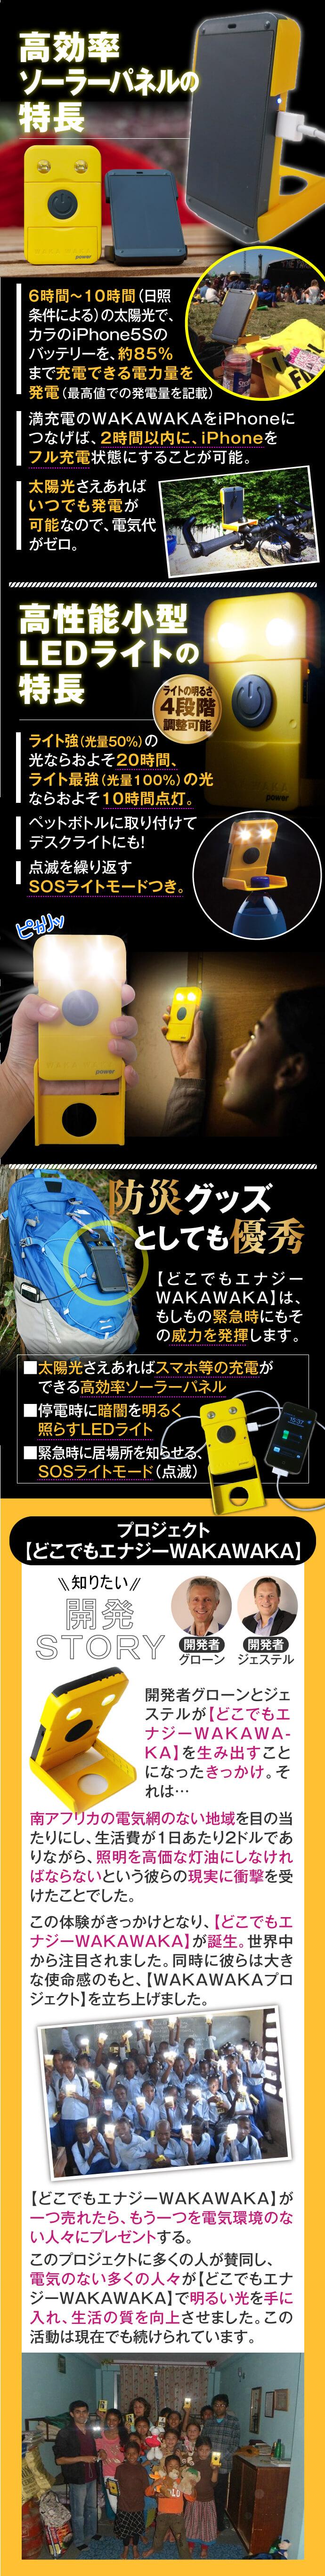 wakawakaの商品特長と開発ストーリー